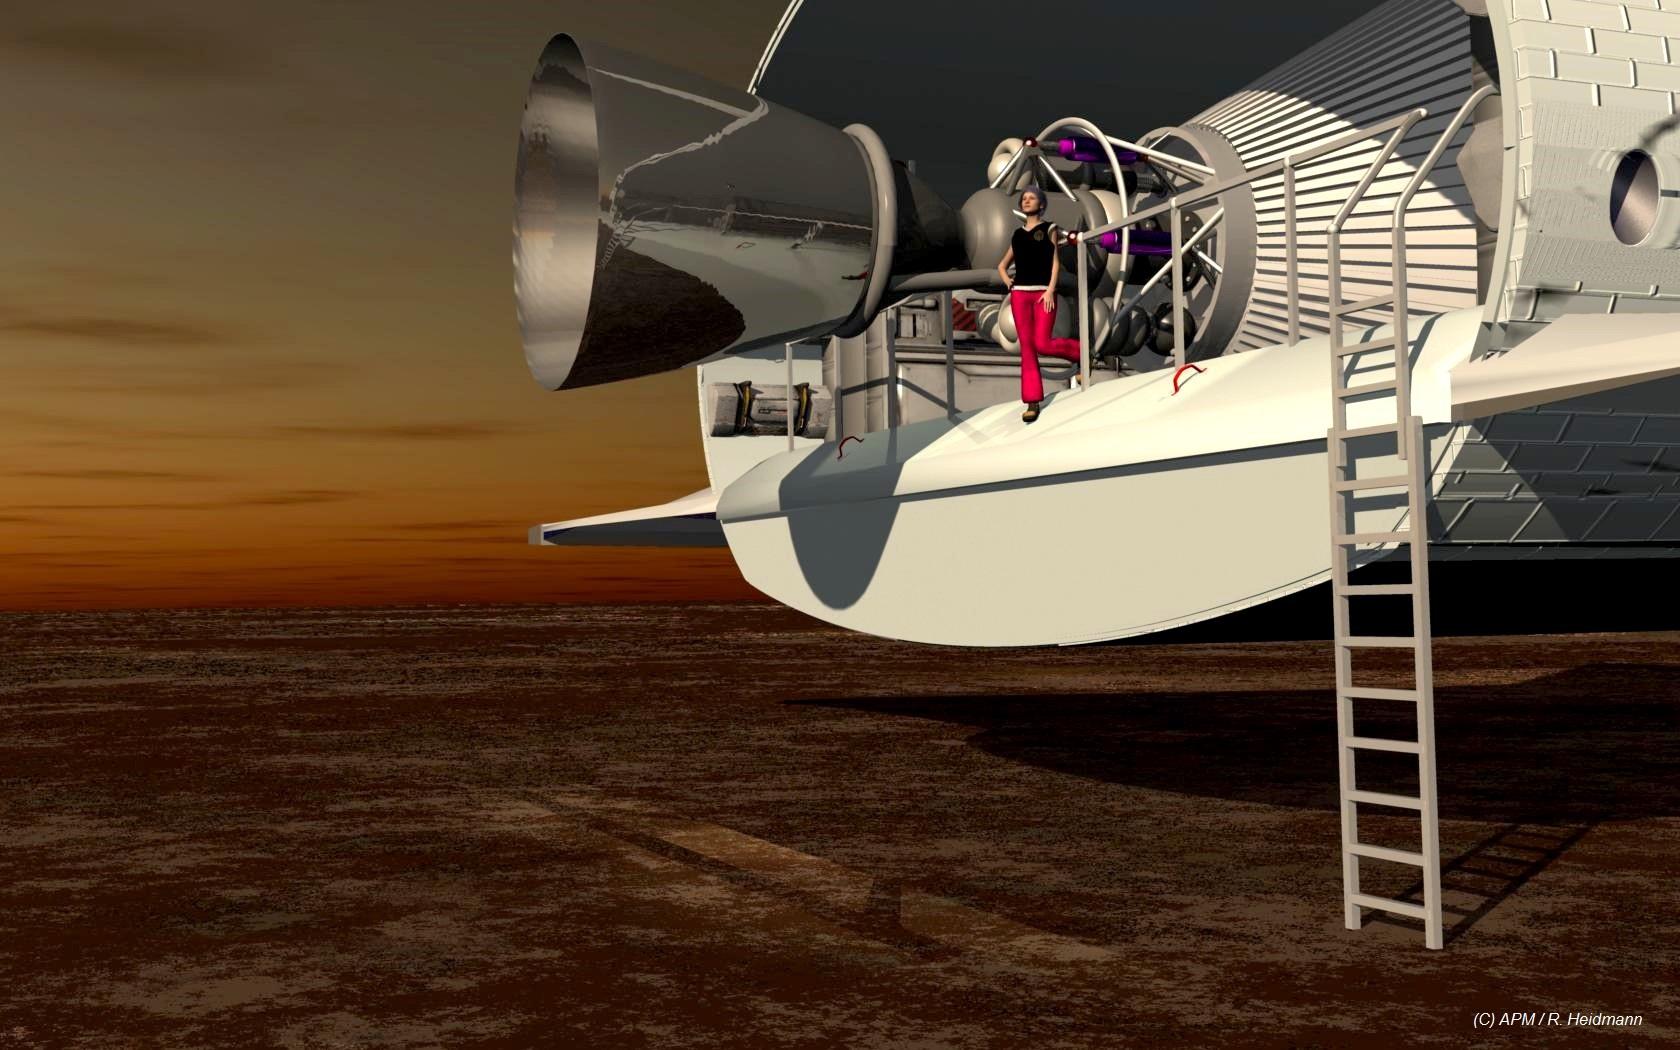 Un moteur axial d'une masse de 4 T recule sensiblement le centre de gravité et réduit le volume de soute arrière. Victoria n'est là que pour donner l'échelle !